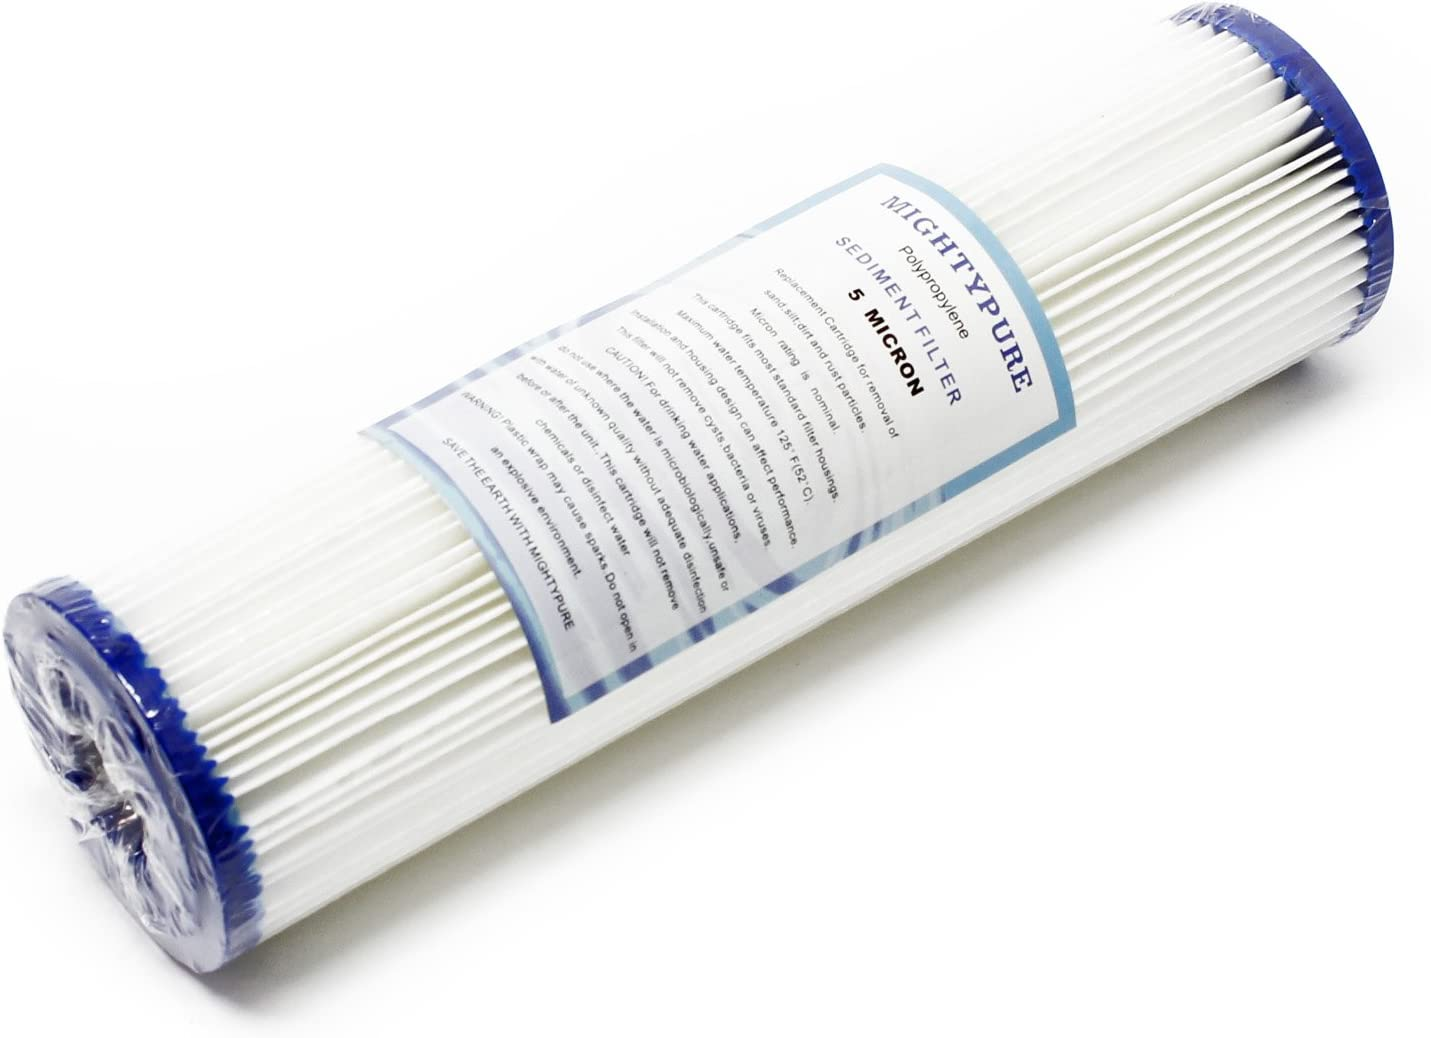 Naturewater PL-10A Cartucho filtro agua plisado PP 10 Filtro sedimentos agua Cartucho repuesto